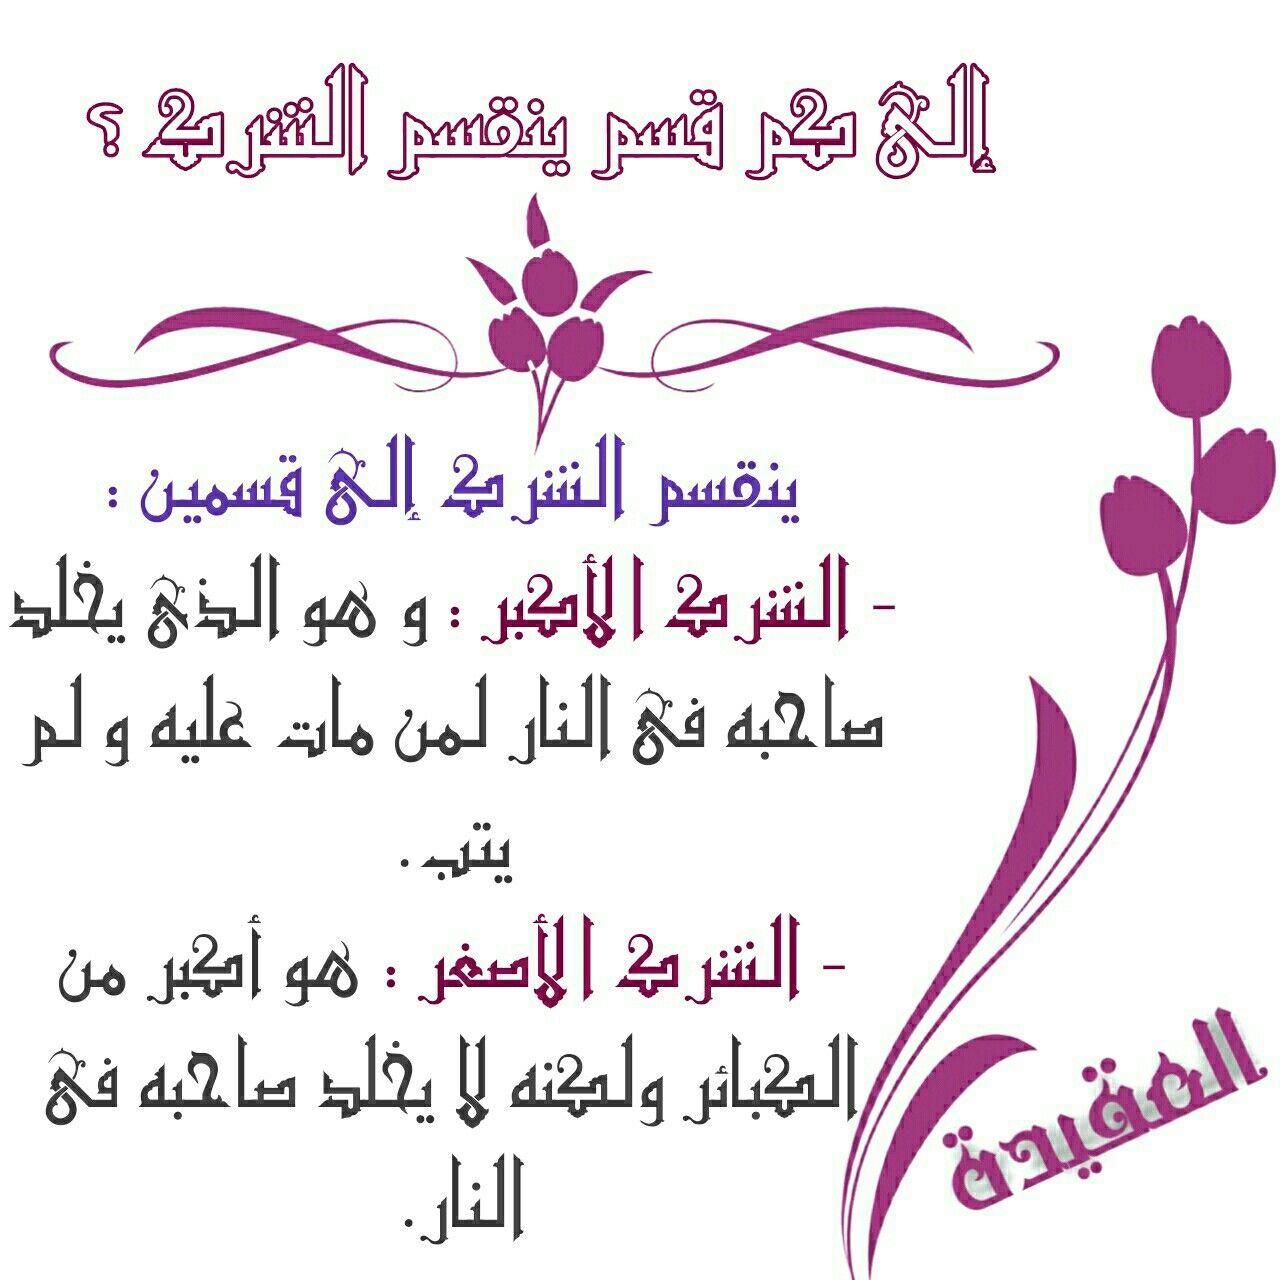 العقيدة إلى كم قسم ينقسم الشرك ينقسم الشرك إلى قسمين الشرك الأكبر و هو الذي يخلد صاحبه في النار لمن مات Arabic Calligraphy Calligraphy